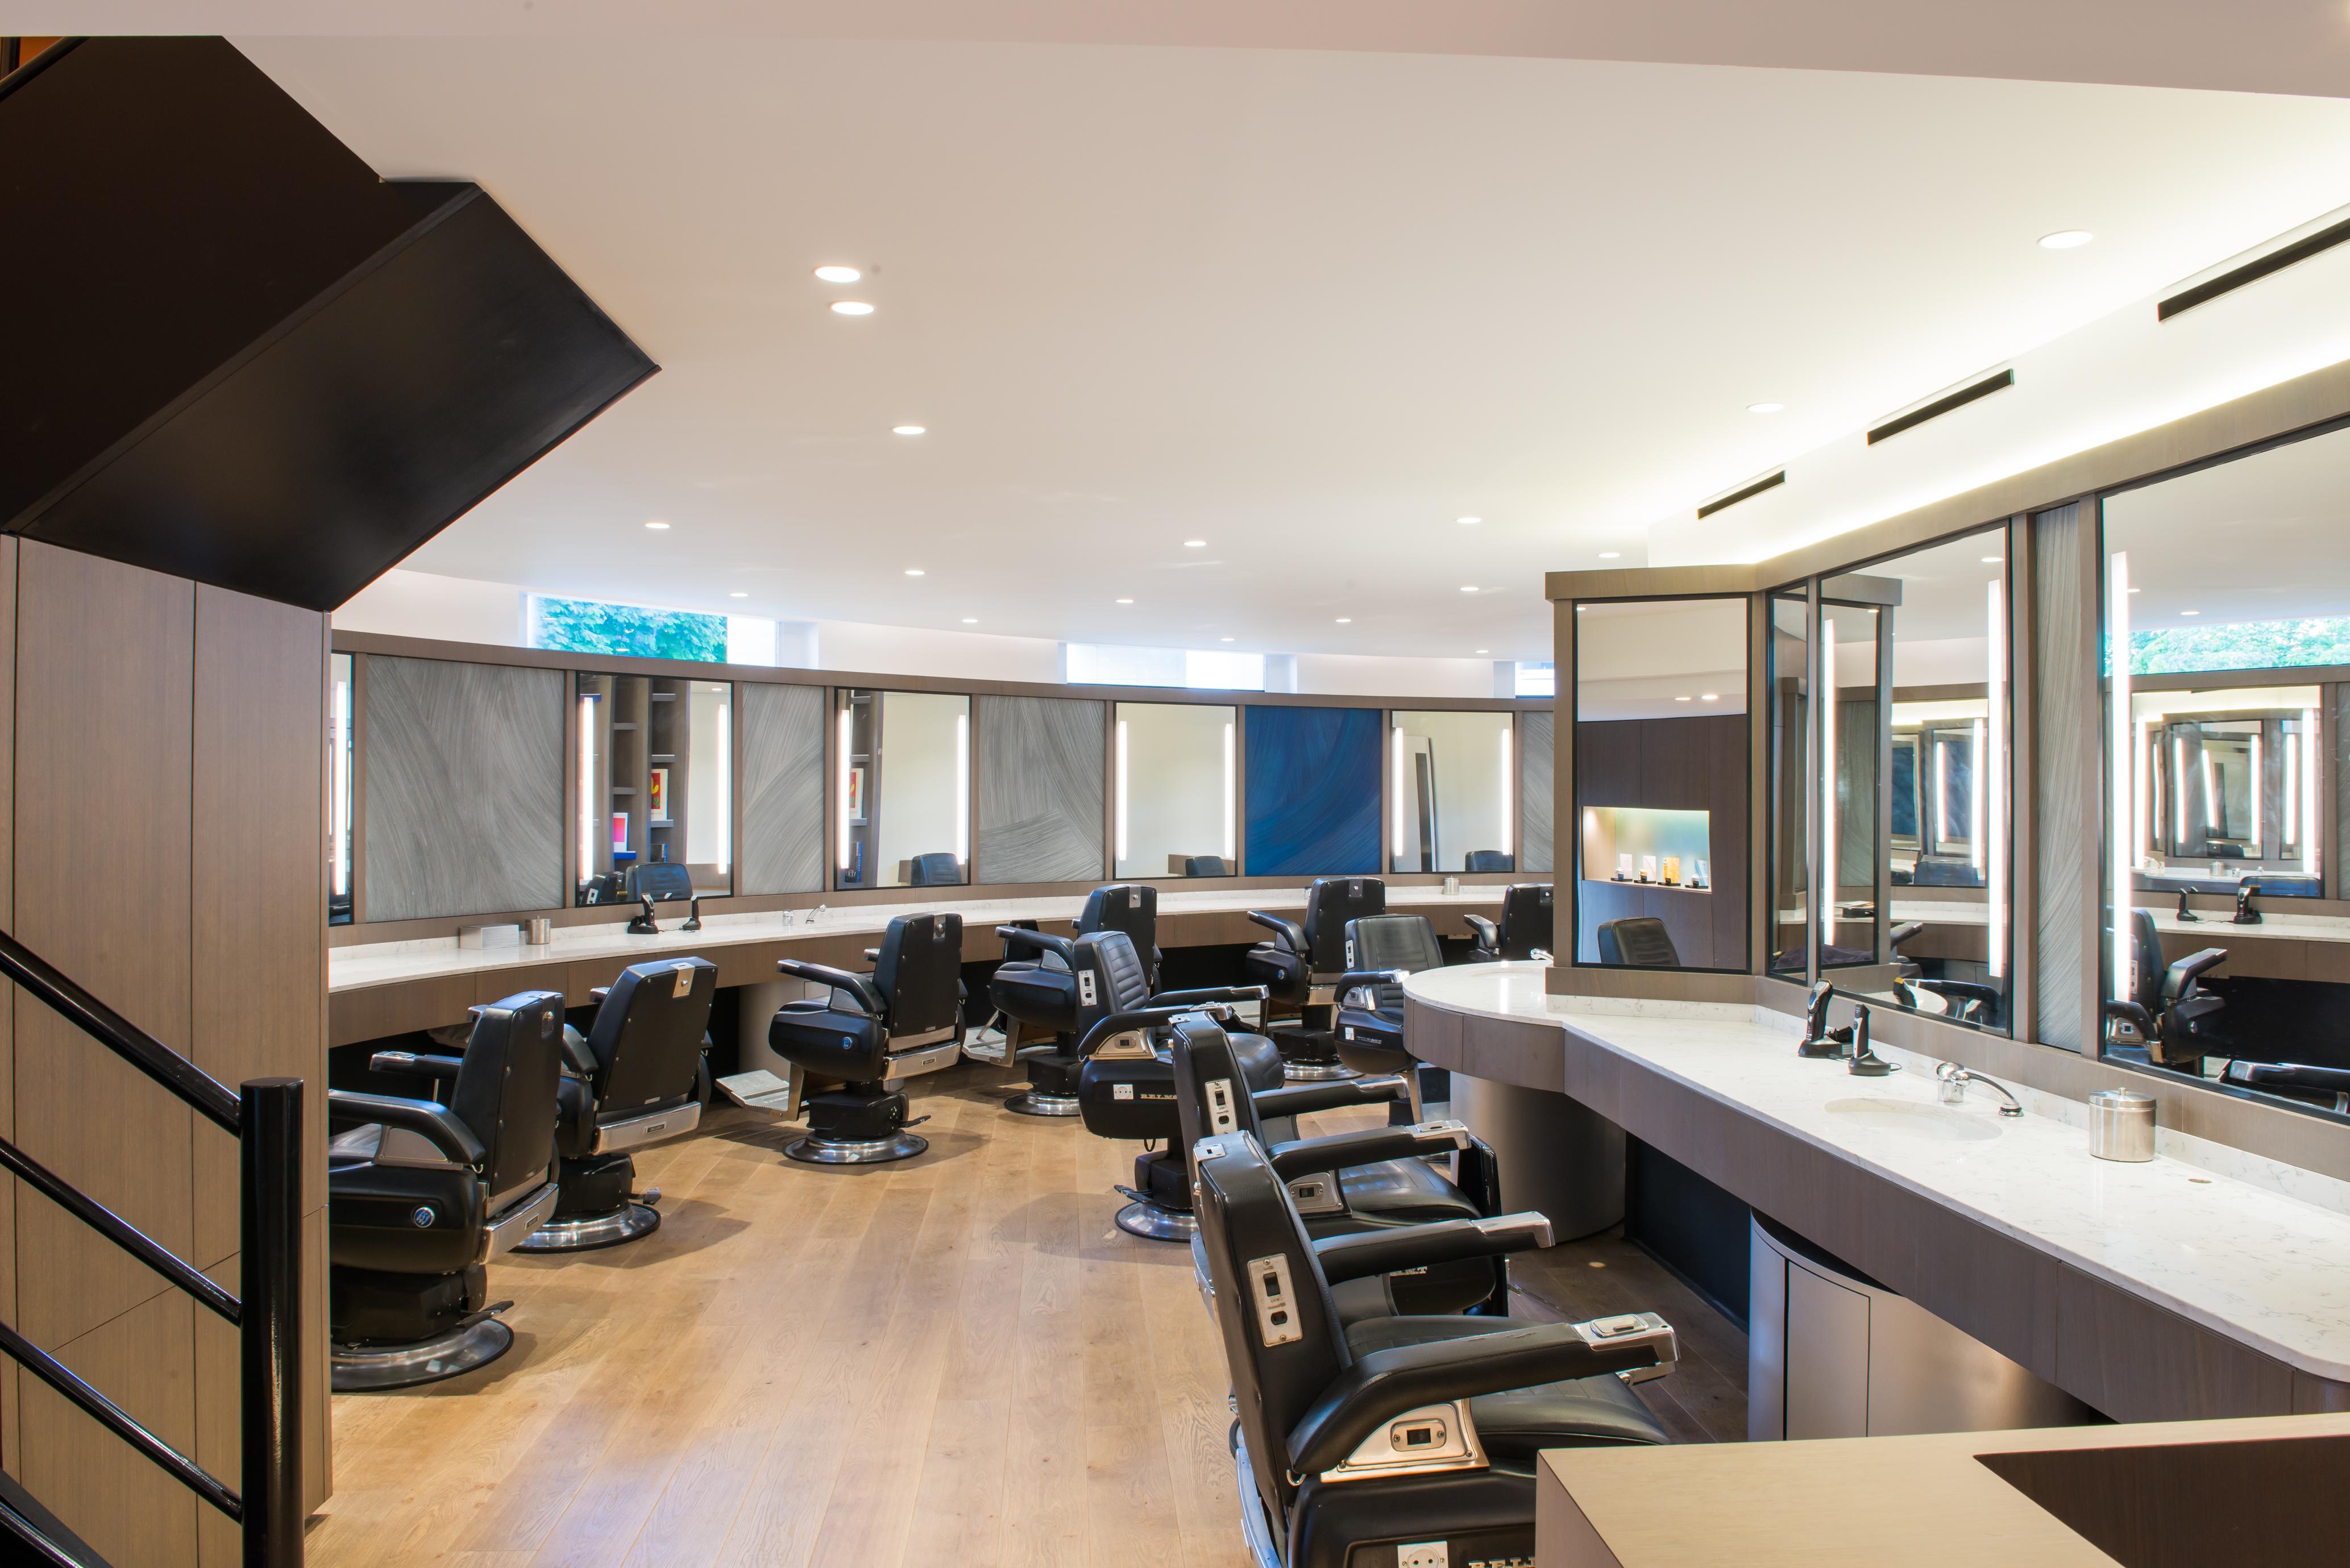 Salon desfosse coiffure prestige pour hommes - Nom salon de coiffure ...